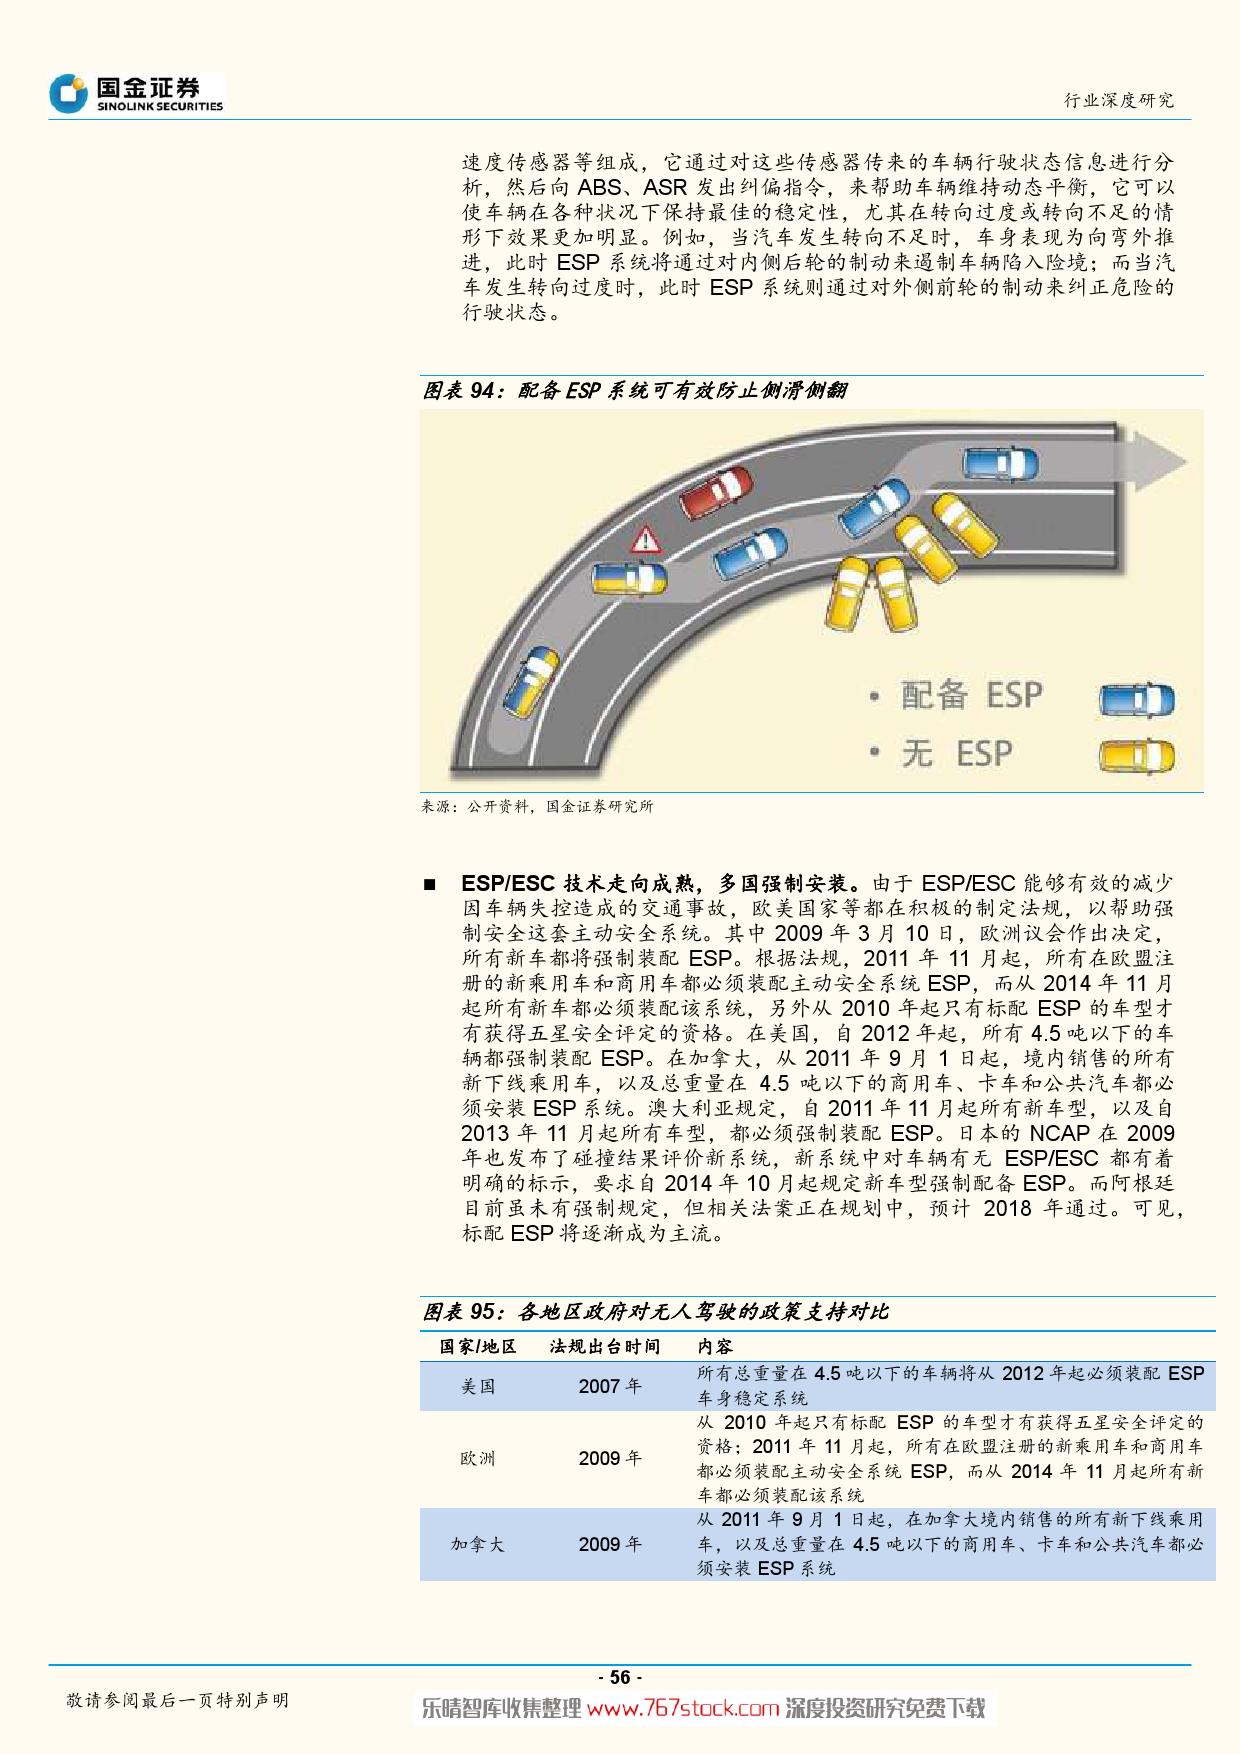 特斯拉产业系列深度报告-智能驾驶爆发在即_000056